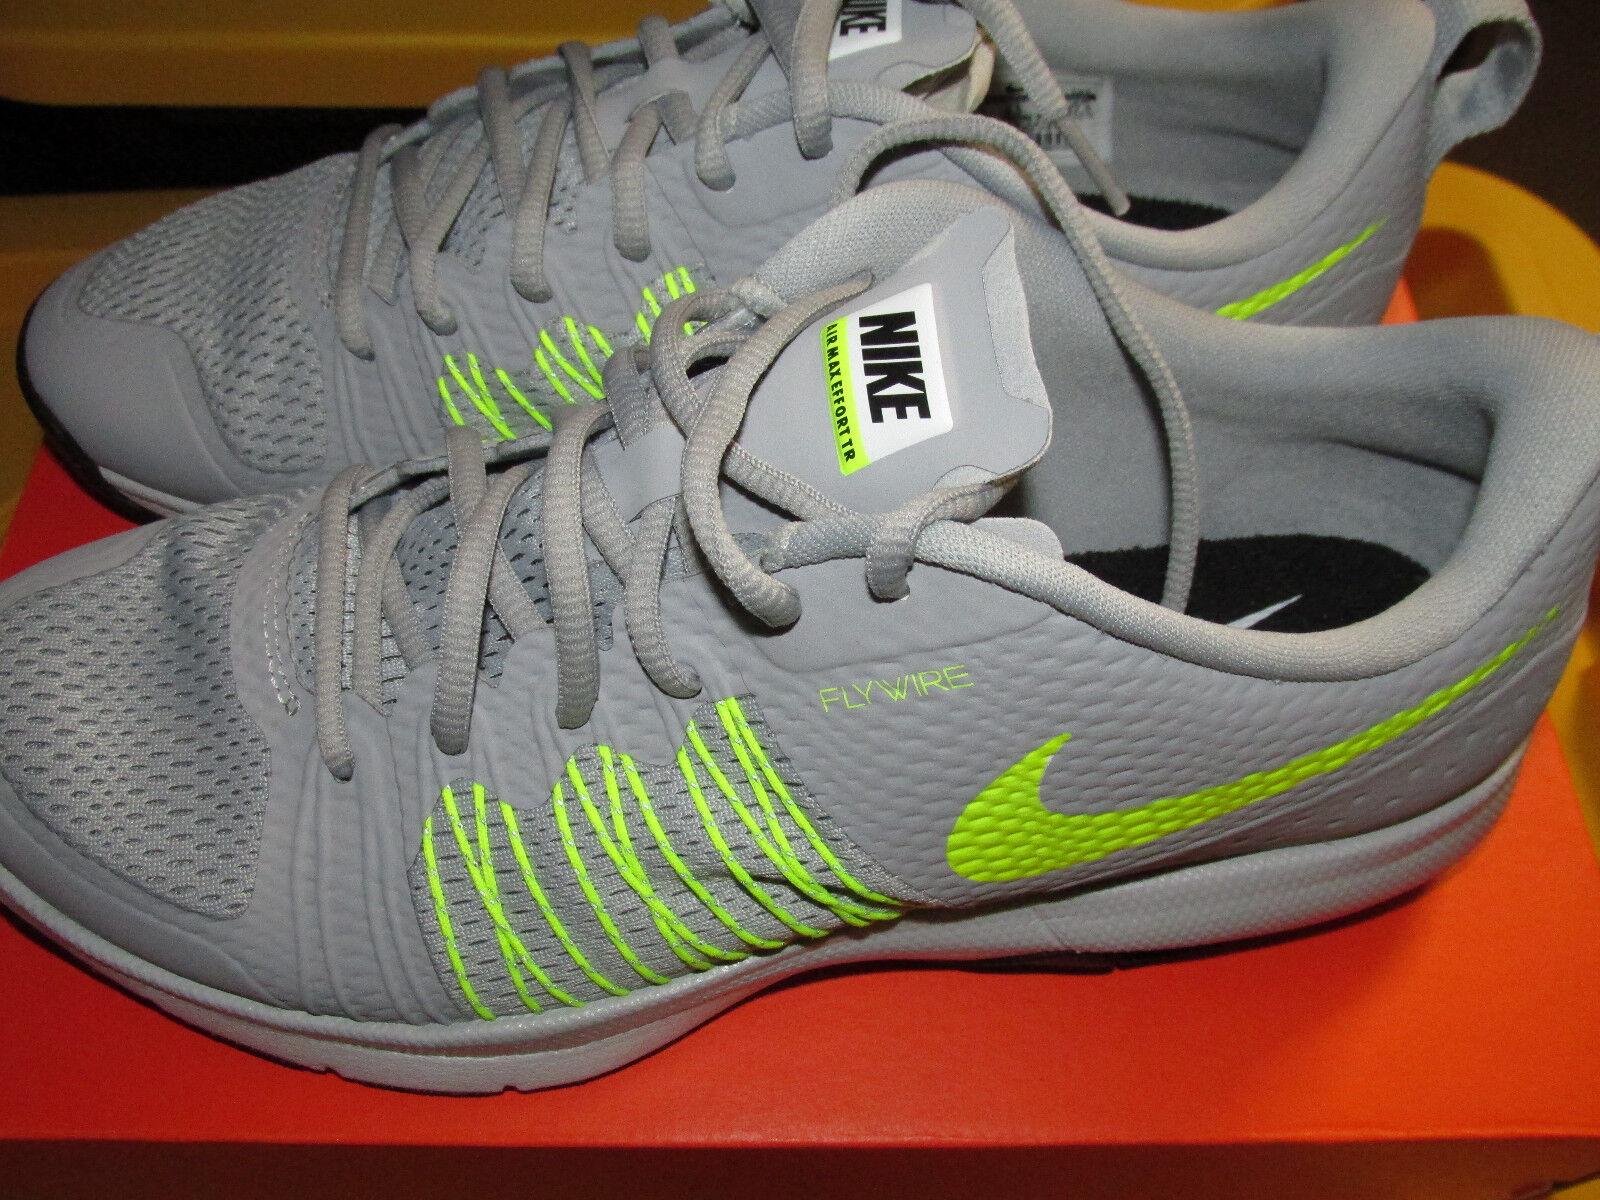 Nike Air Max Effort TR Training Shoes  705353 071 Mens Sizes9.5  Shoes Gray/Volt NIB a5913f